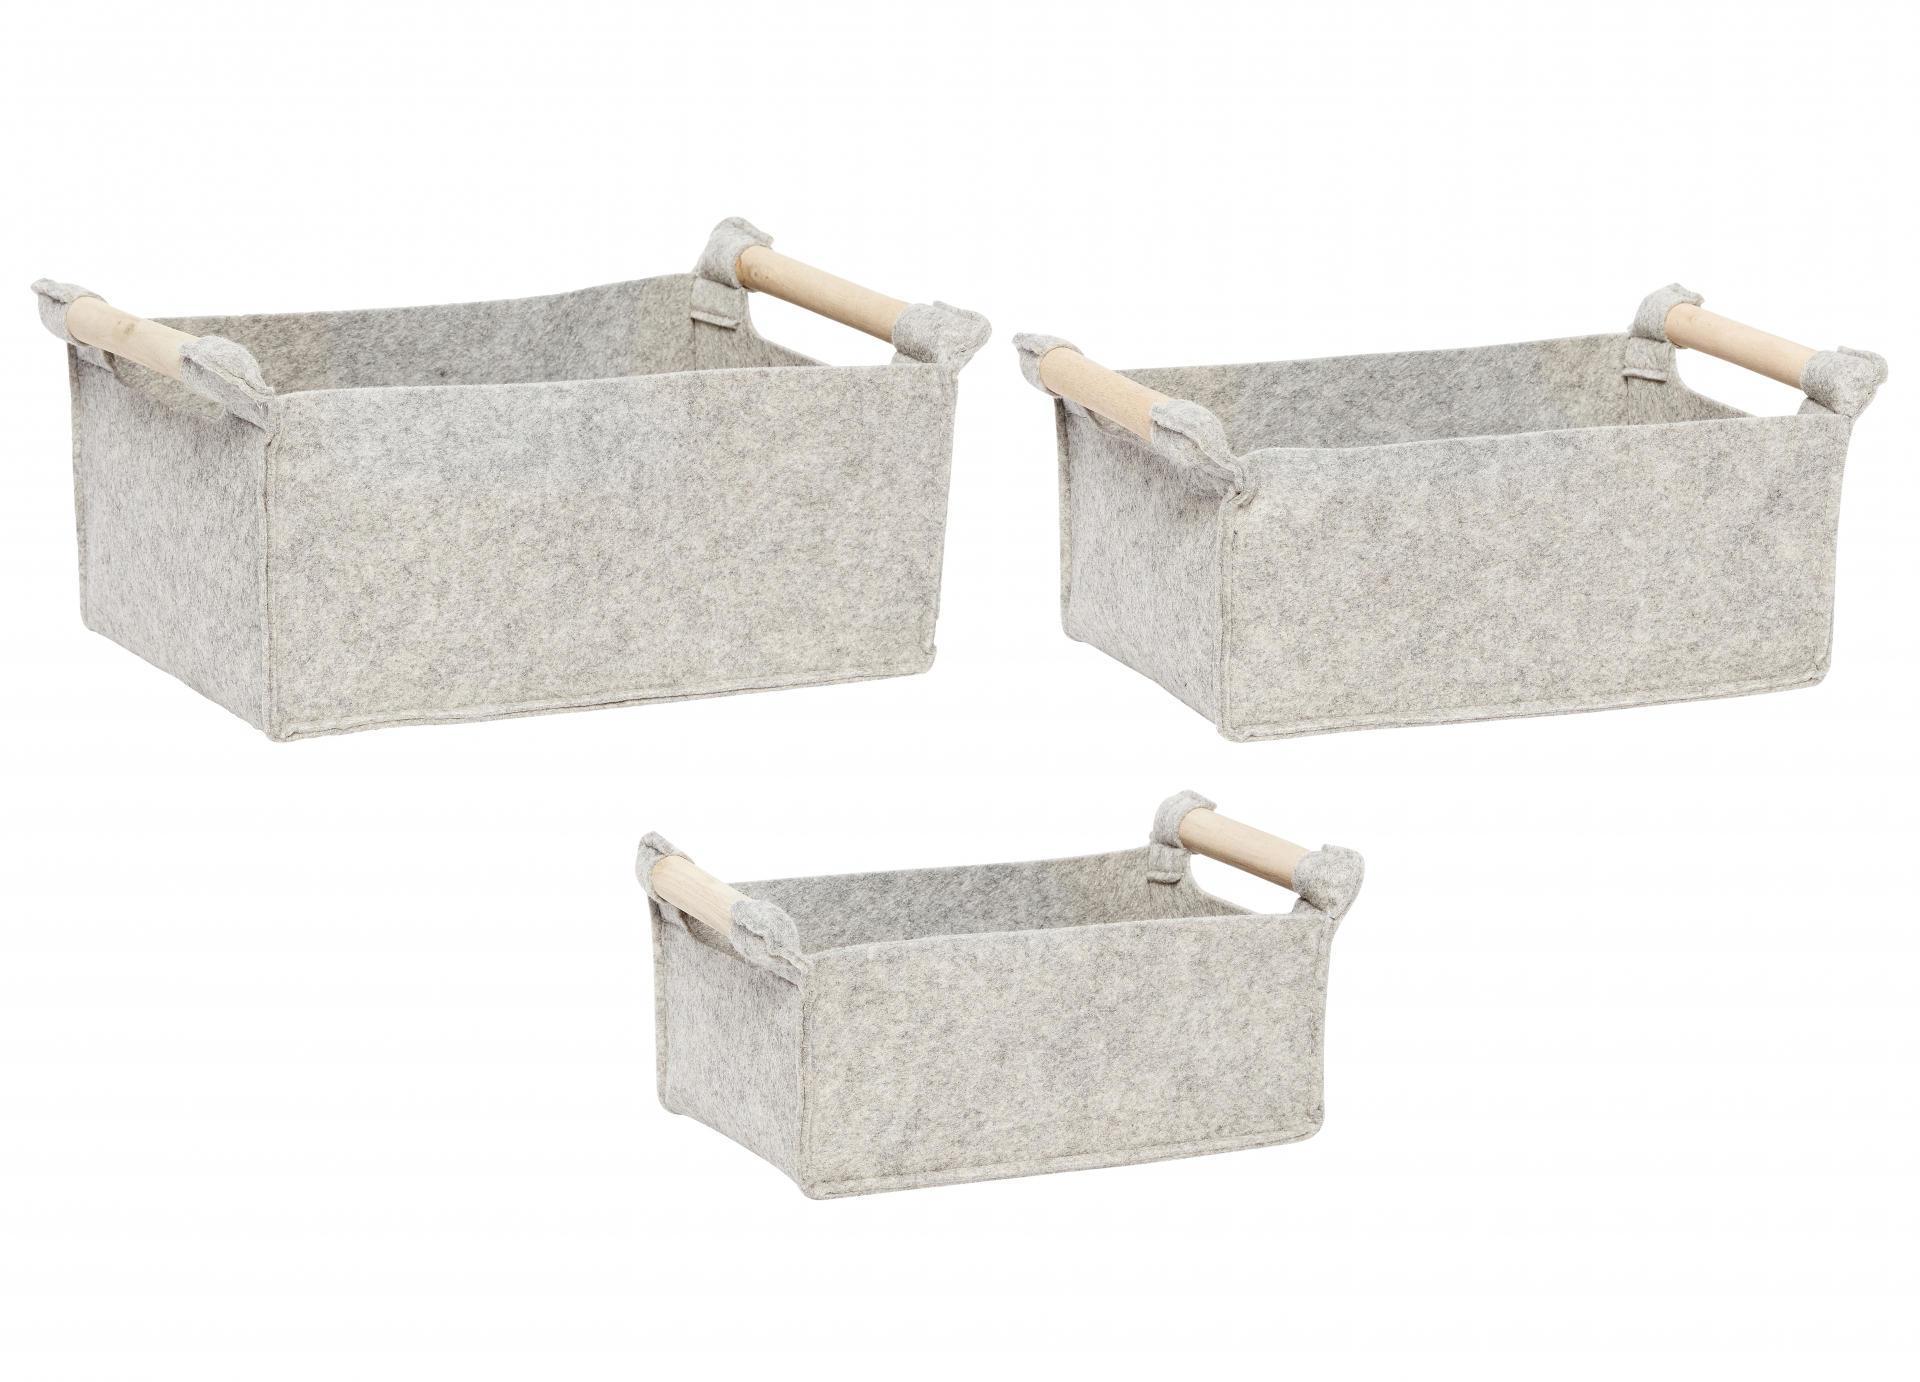 Hübsch Plstěný košík s dřevěnými uchy Grey - set 3 ks, šedá barva, textil